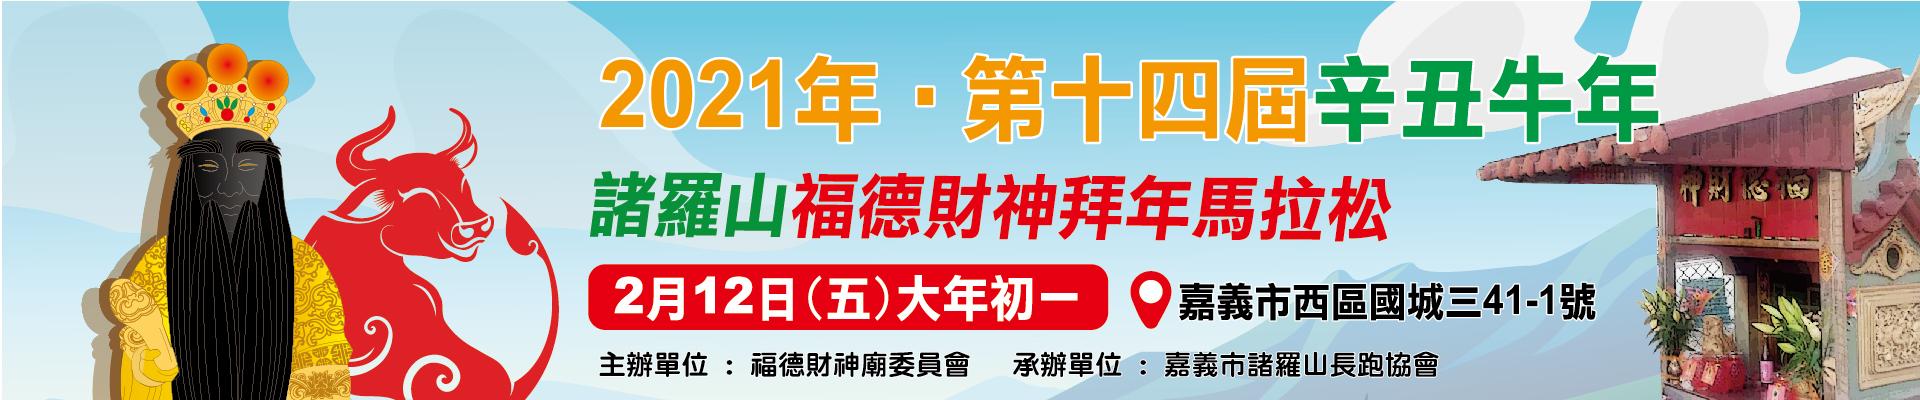 2021 第14屆(辛丑牛年)諸羅山福德財神台灣拜年馬拉松-主視覺